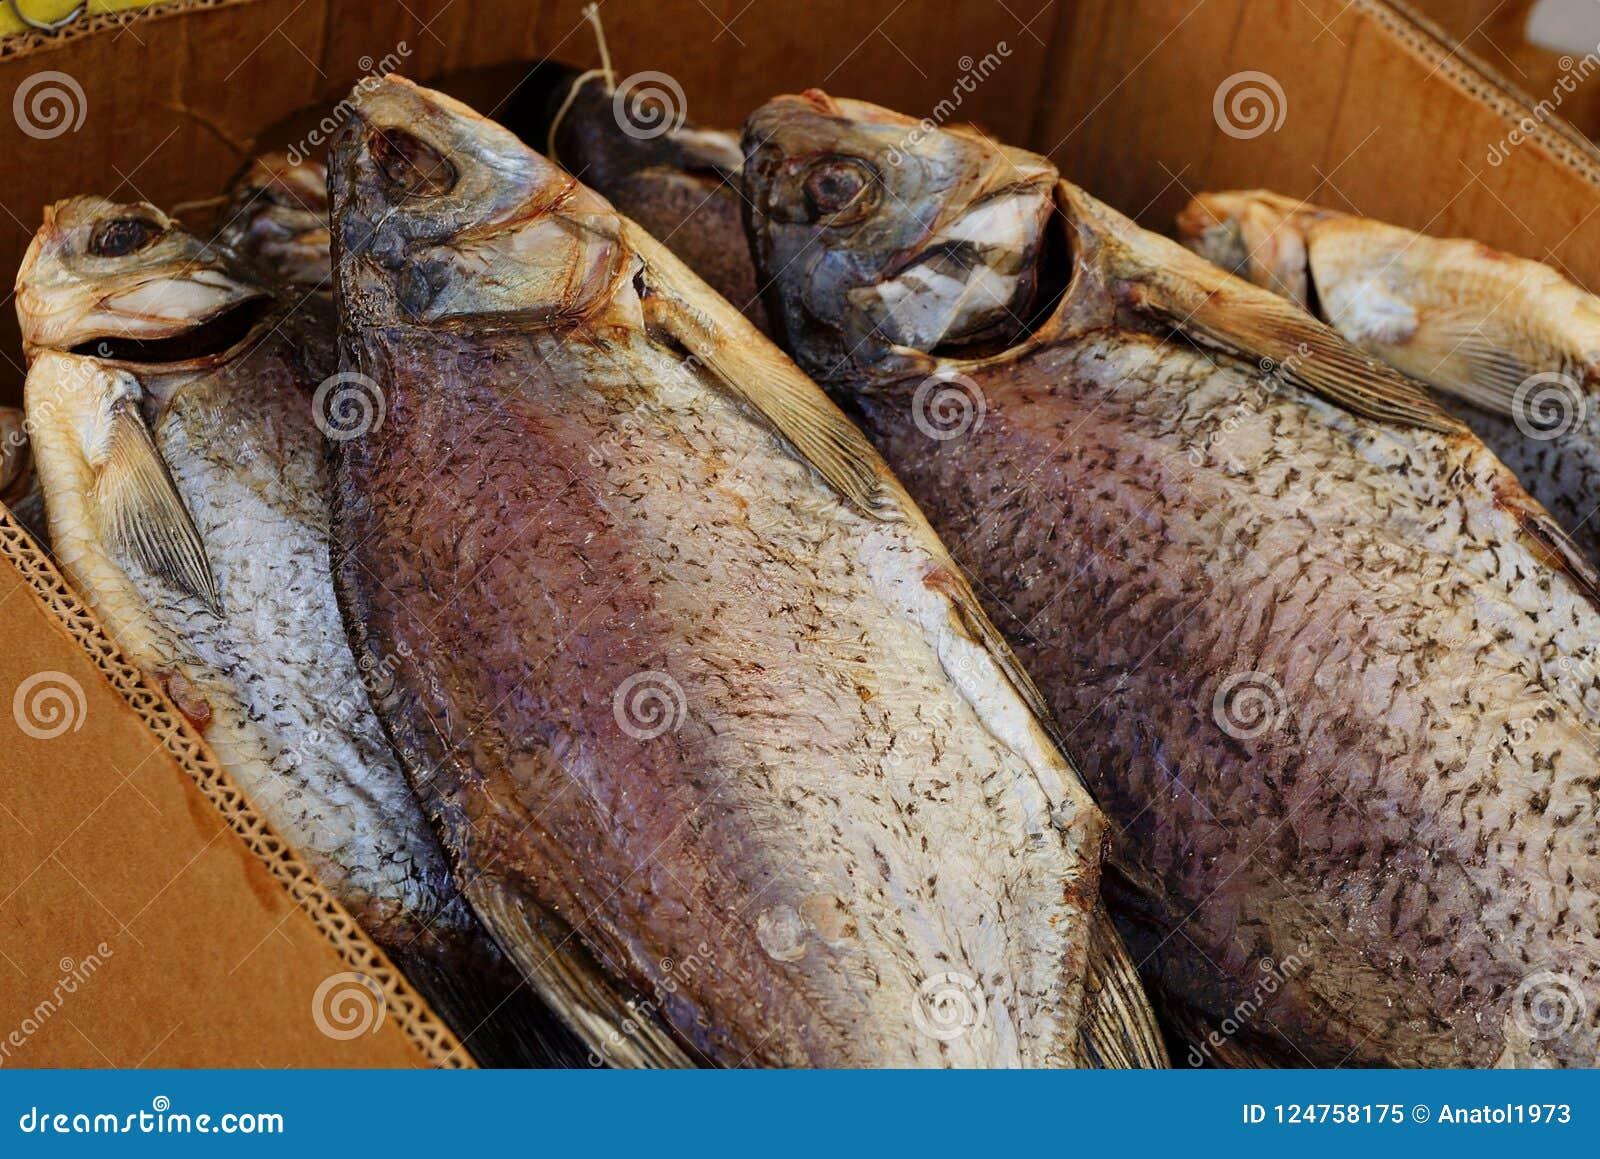 Pile de grands poissons secs dans une boîte de papier